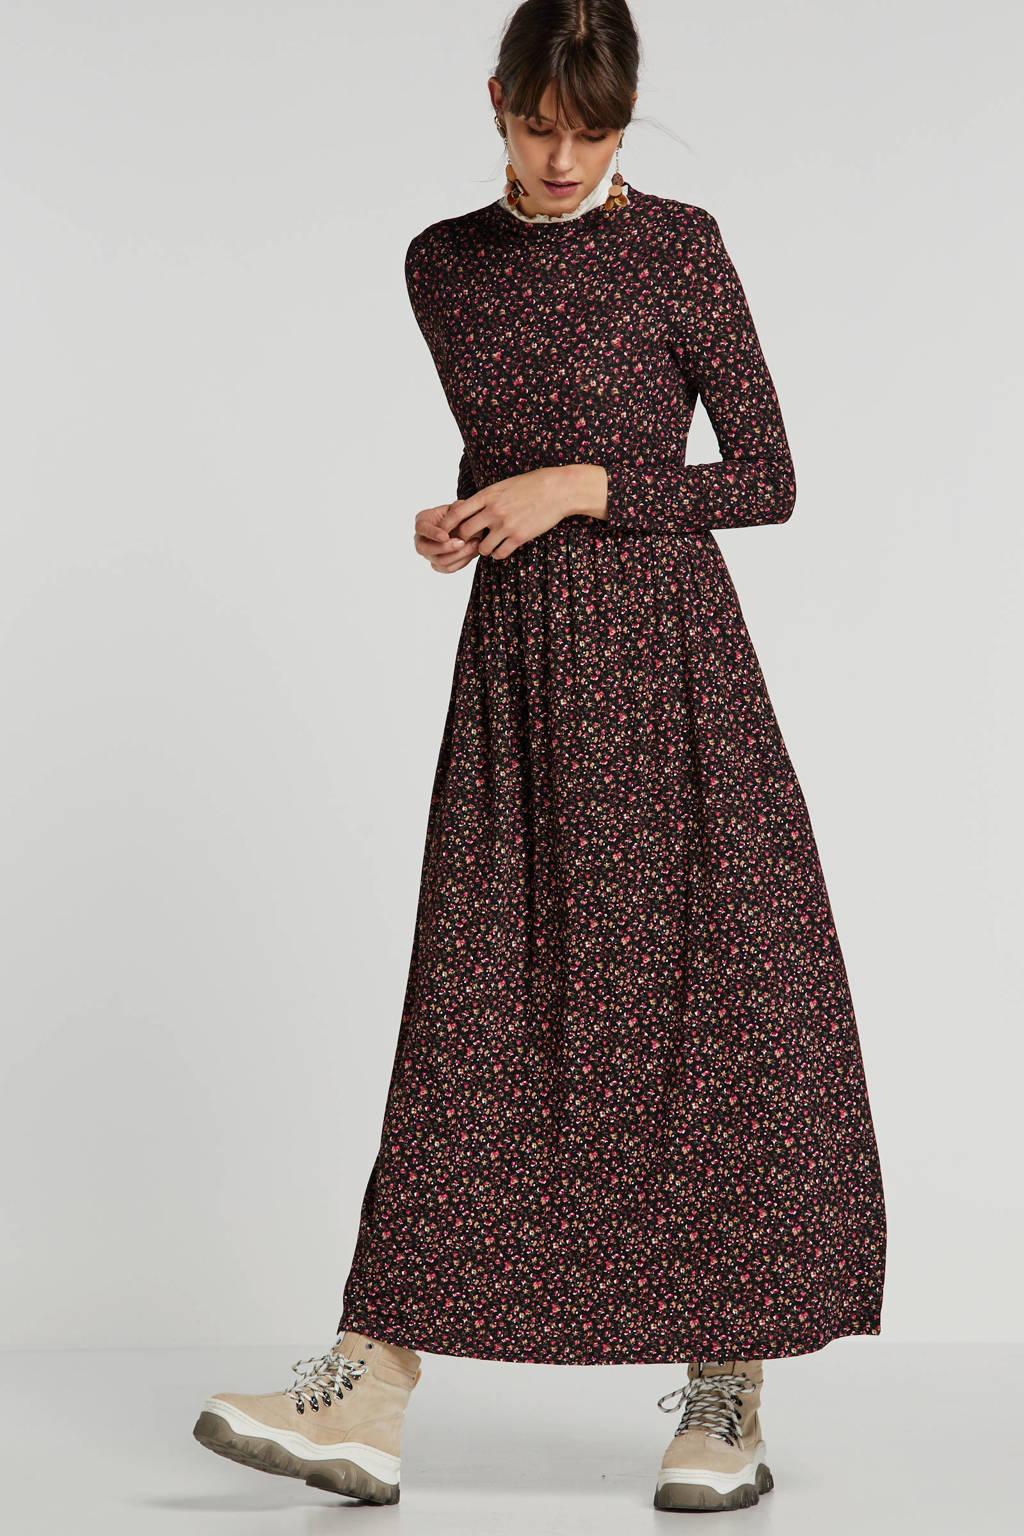 JACQUELINE DE YONG gebloemde jersey maxi jurk zwart/rood, Zwart/rood